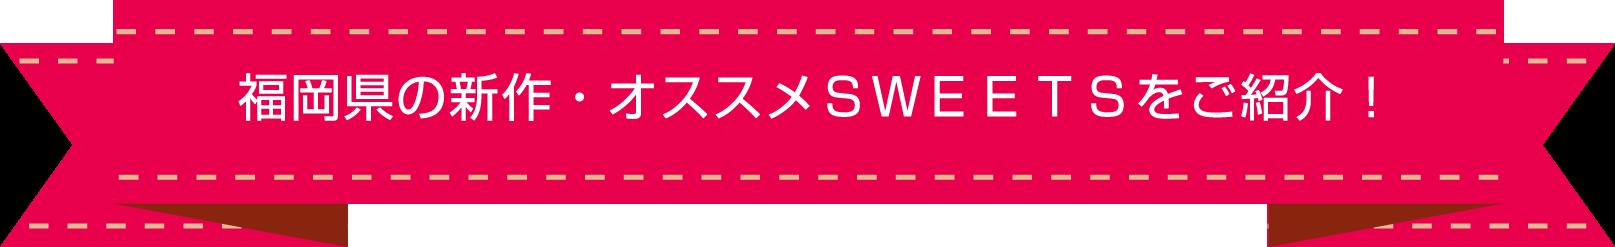 福岡県の新作・オススメSWEETSをご紹介!